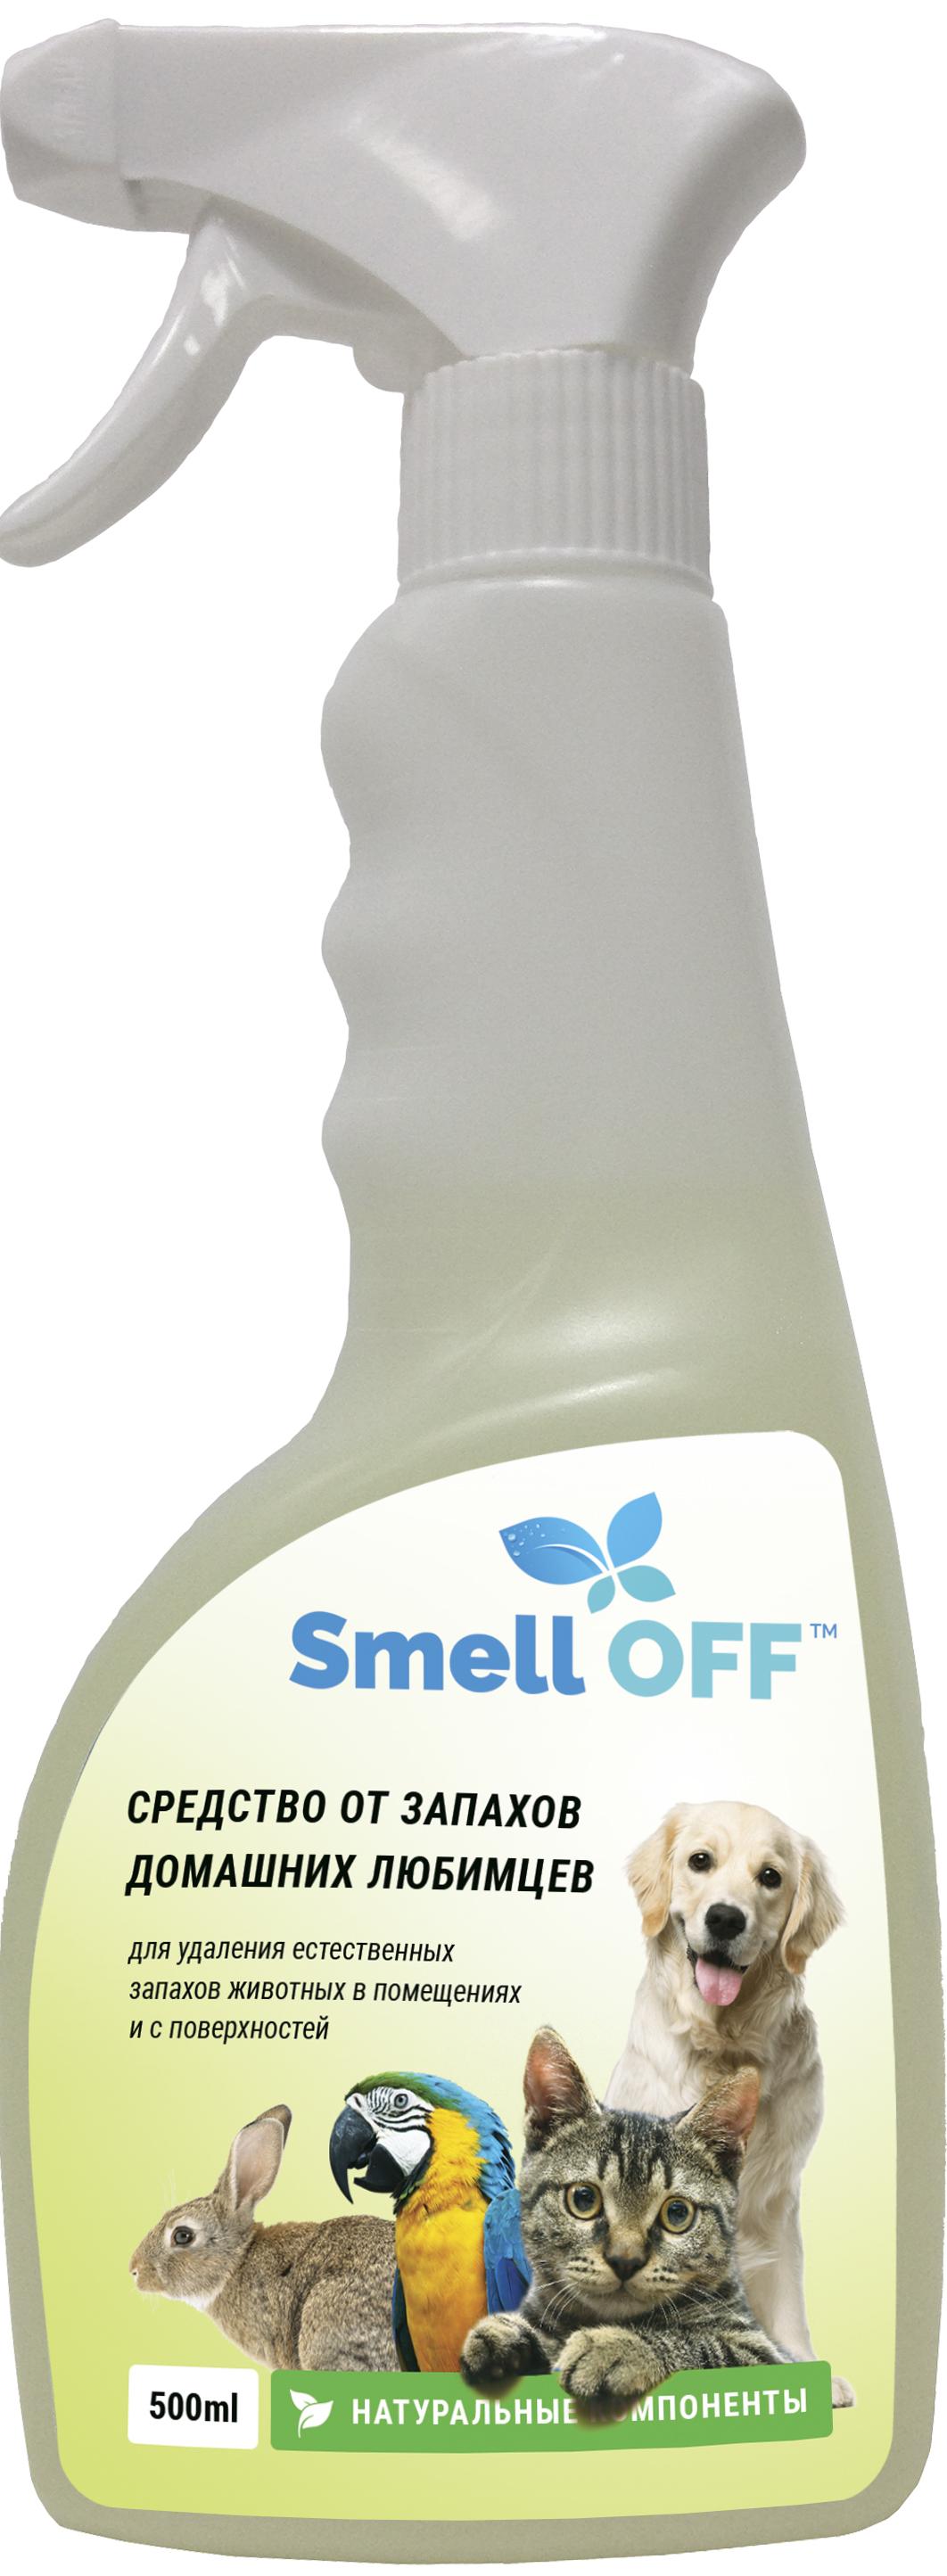 SmellOFF от запахов домашних любимцевНейтрализаторы запахов<br><br>